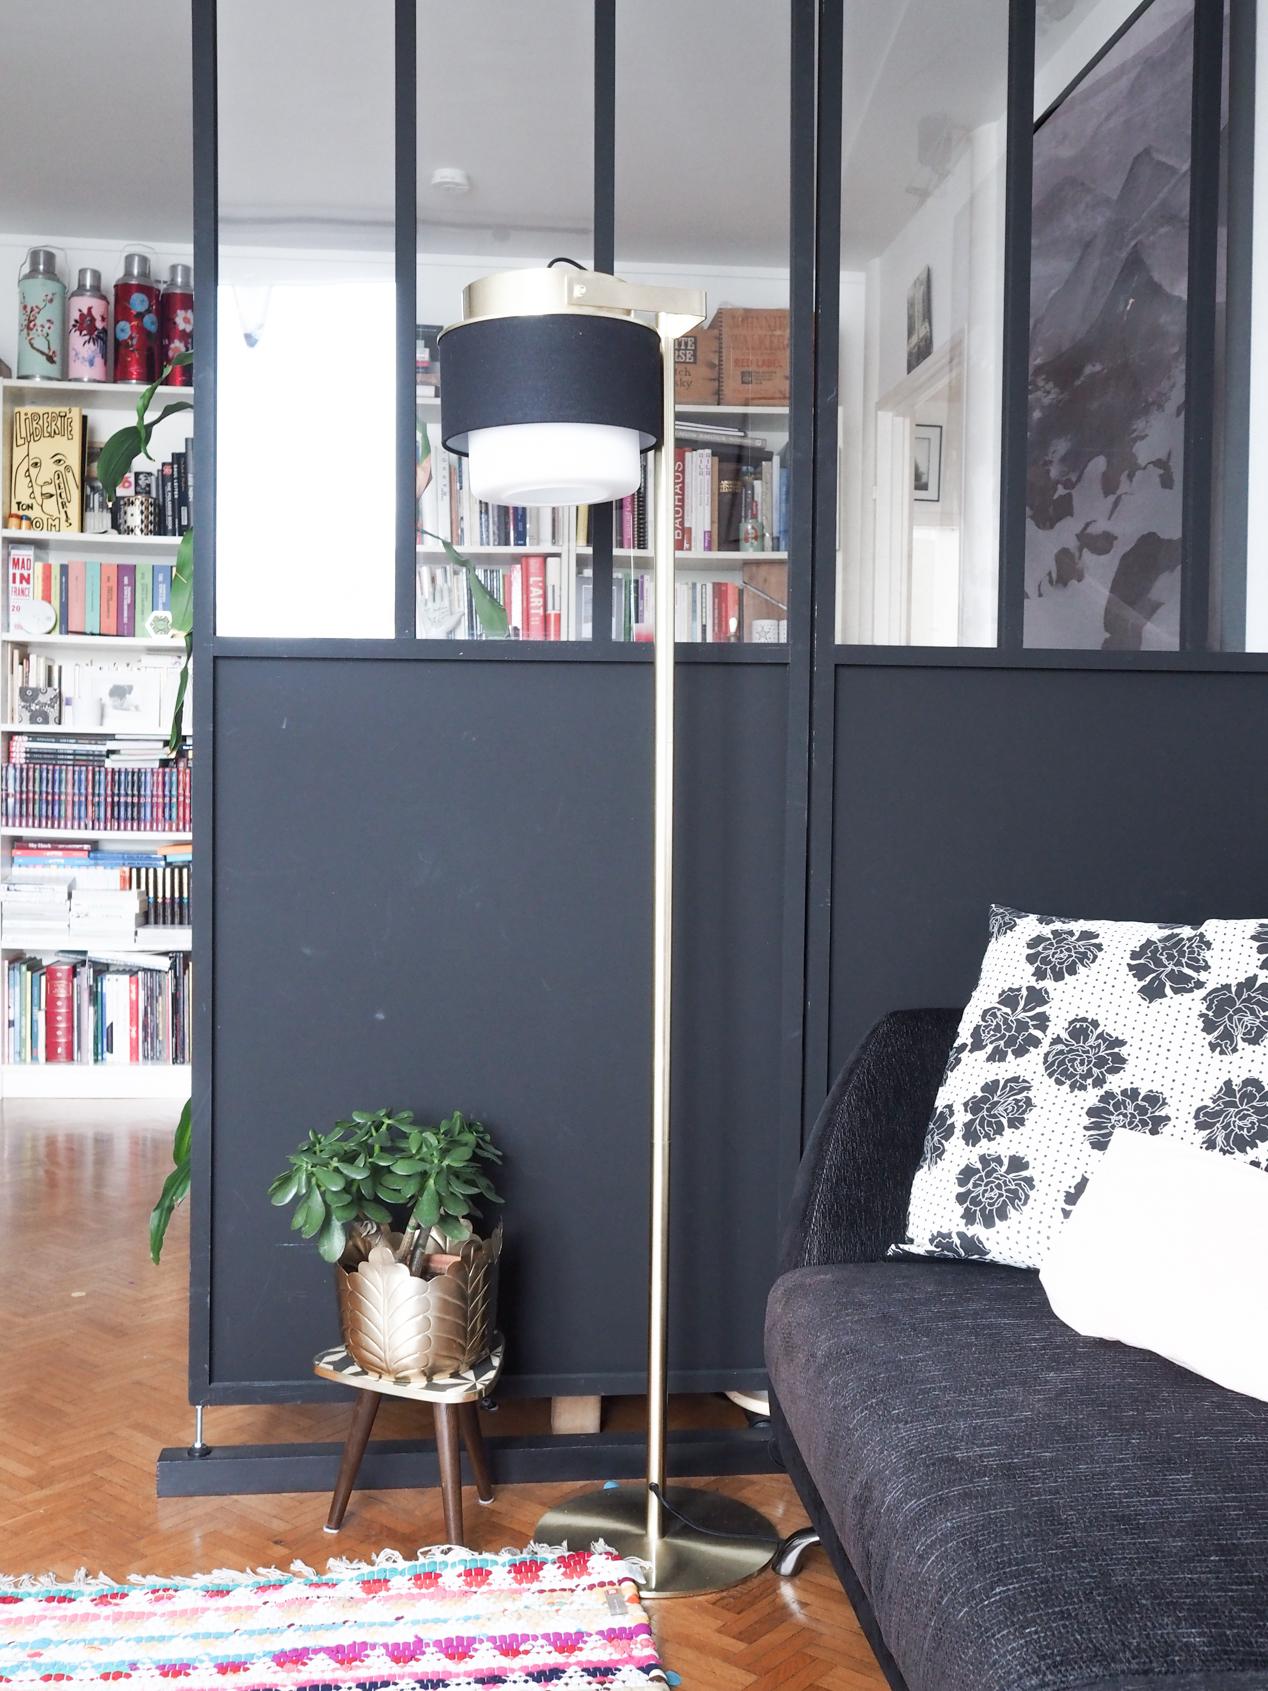 Plantes interieur depolluantes detoxifiantes guide Truffaut domus l La Fiancee du Panda blog deco et lifestyle-7203470